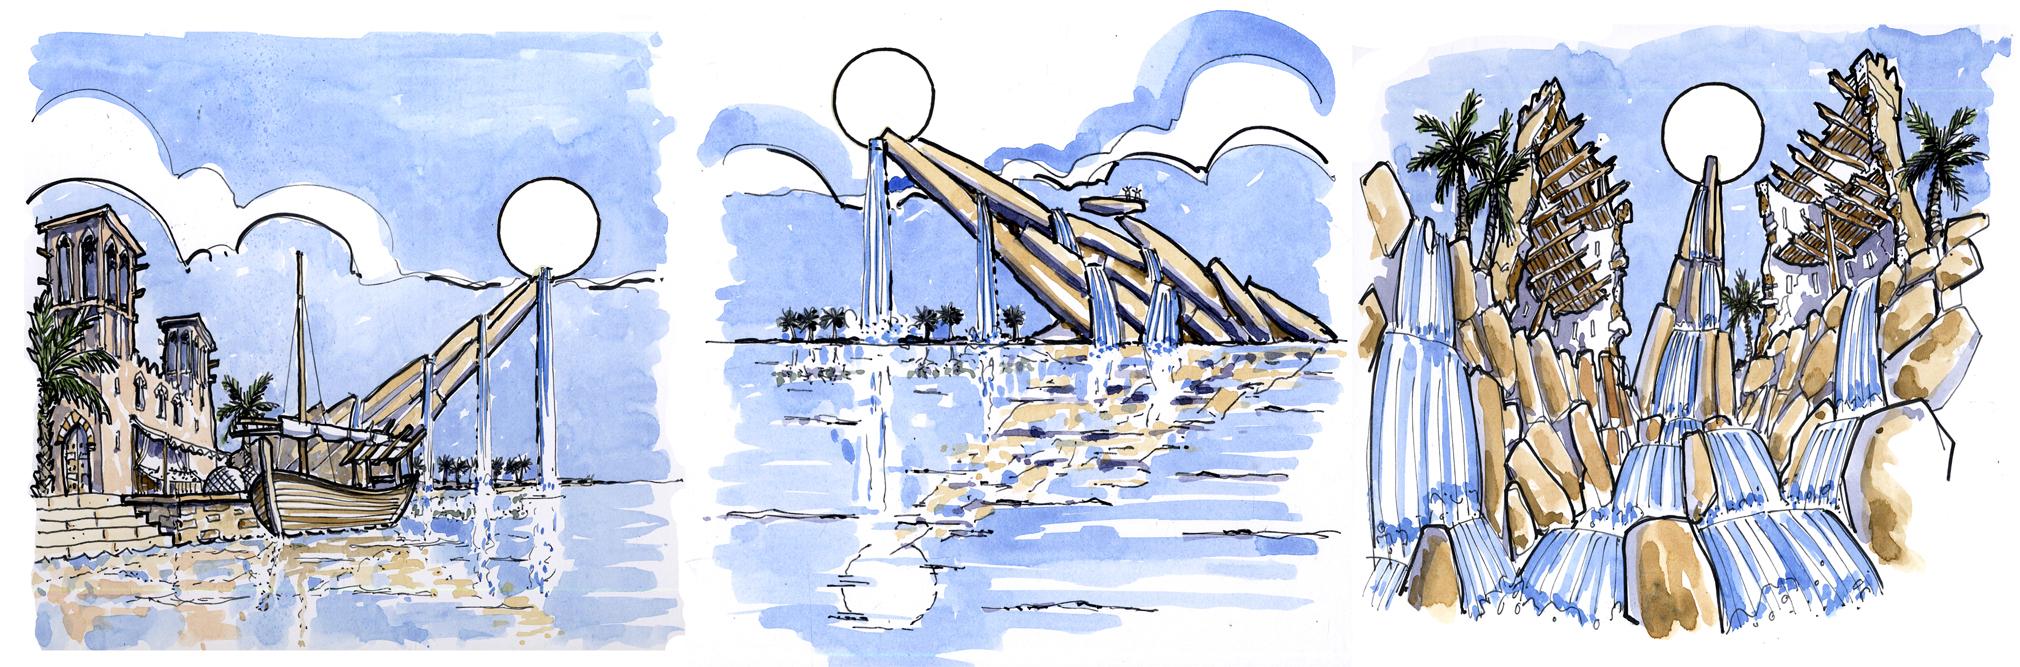 007-YAS+Waterworld+WKK+3.jpg